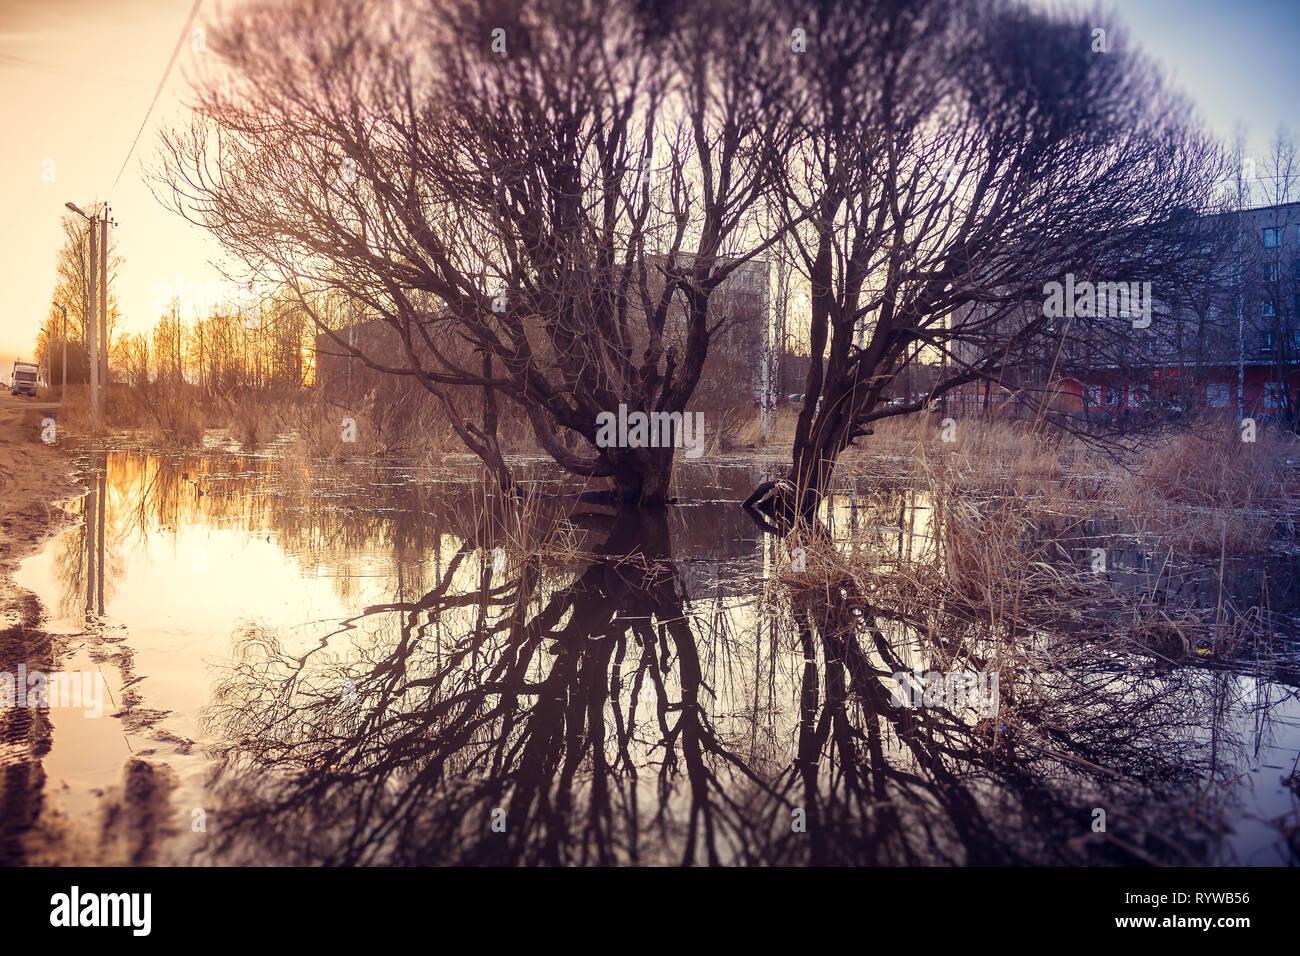 Un arbre se reflète dans une flaque d'eau. Peintures de printemps. Les flaques et la boue Banque D'Images